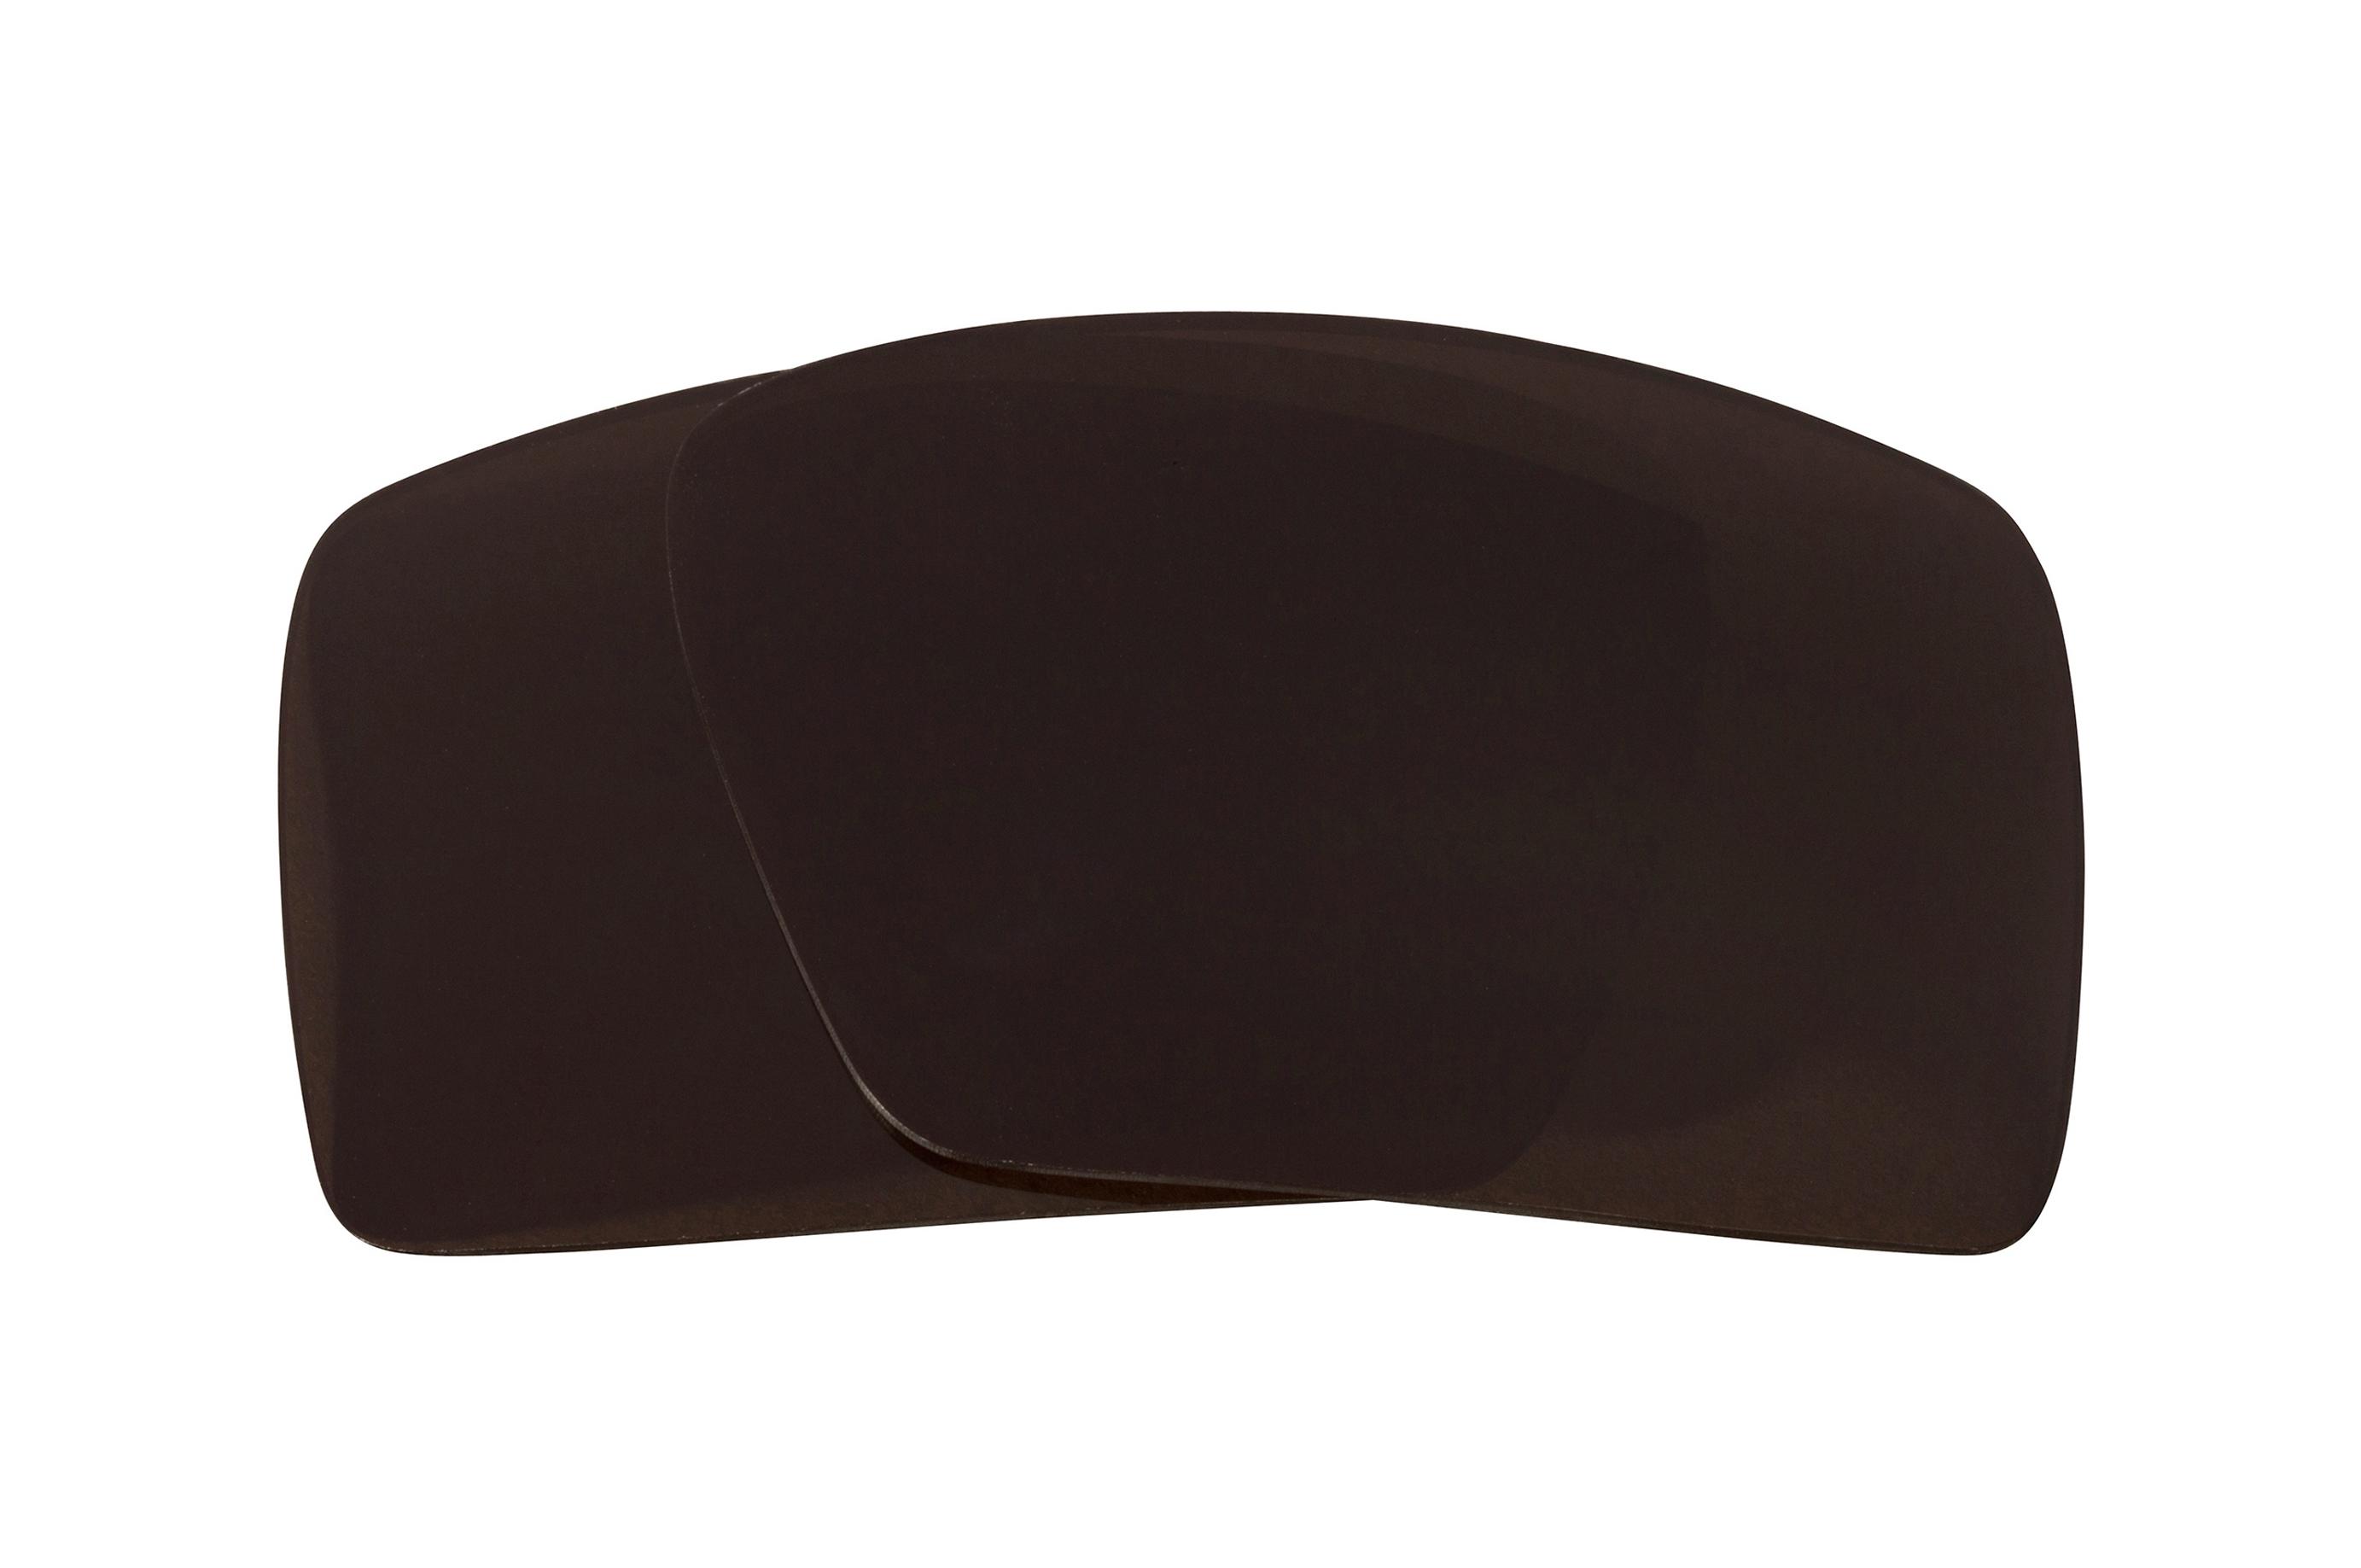 Oakley eyepatch 2 vs gascan lenses